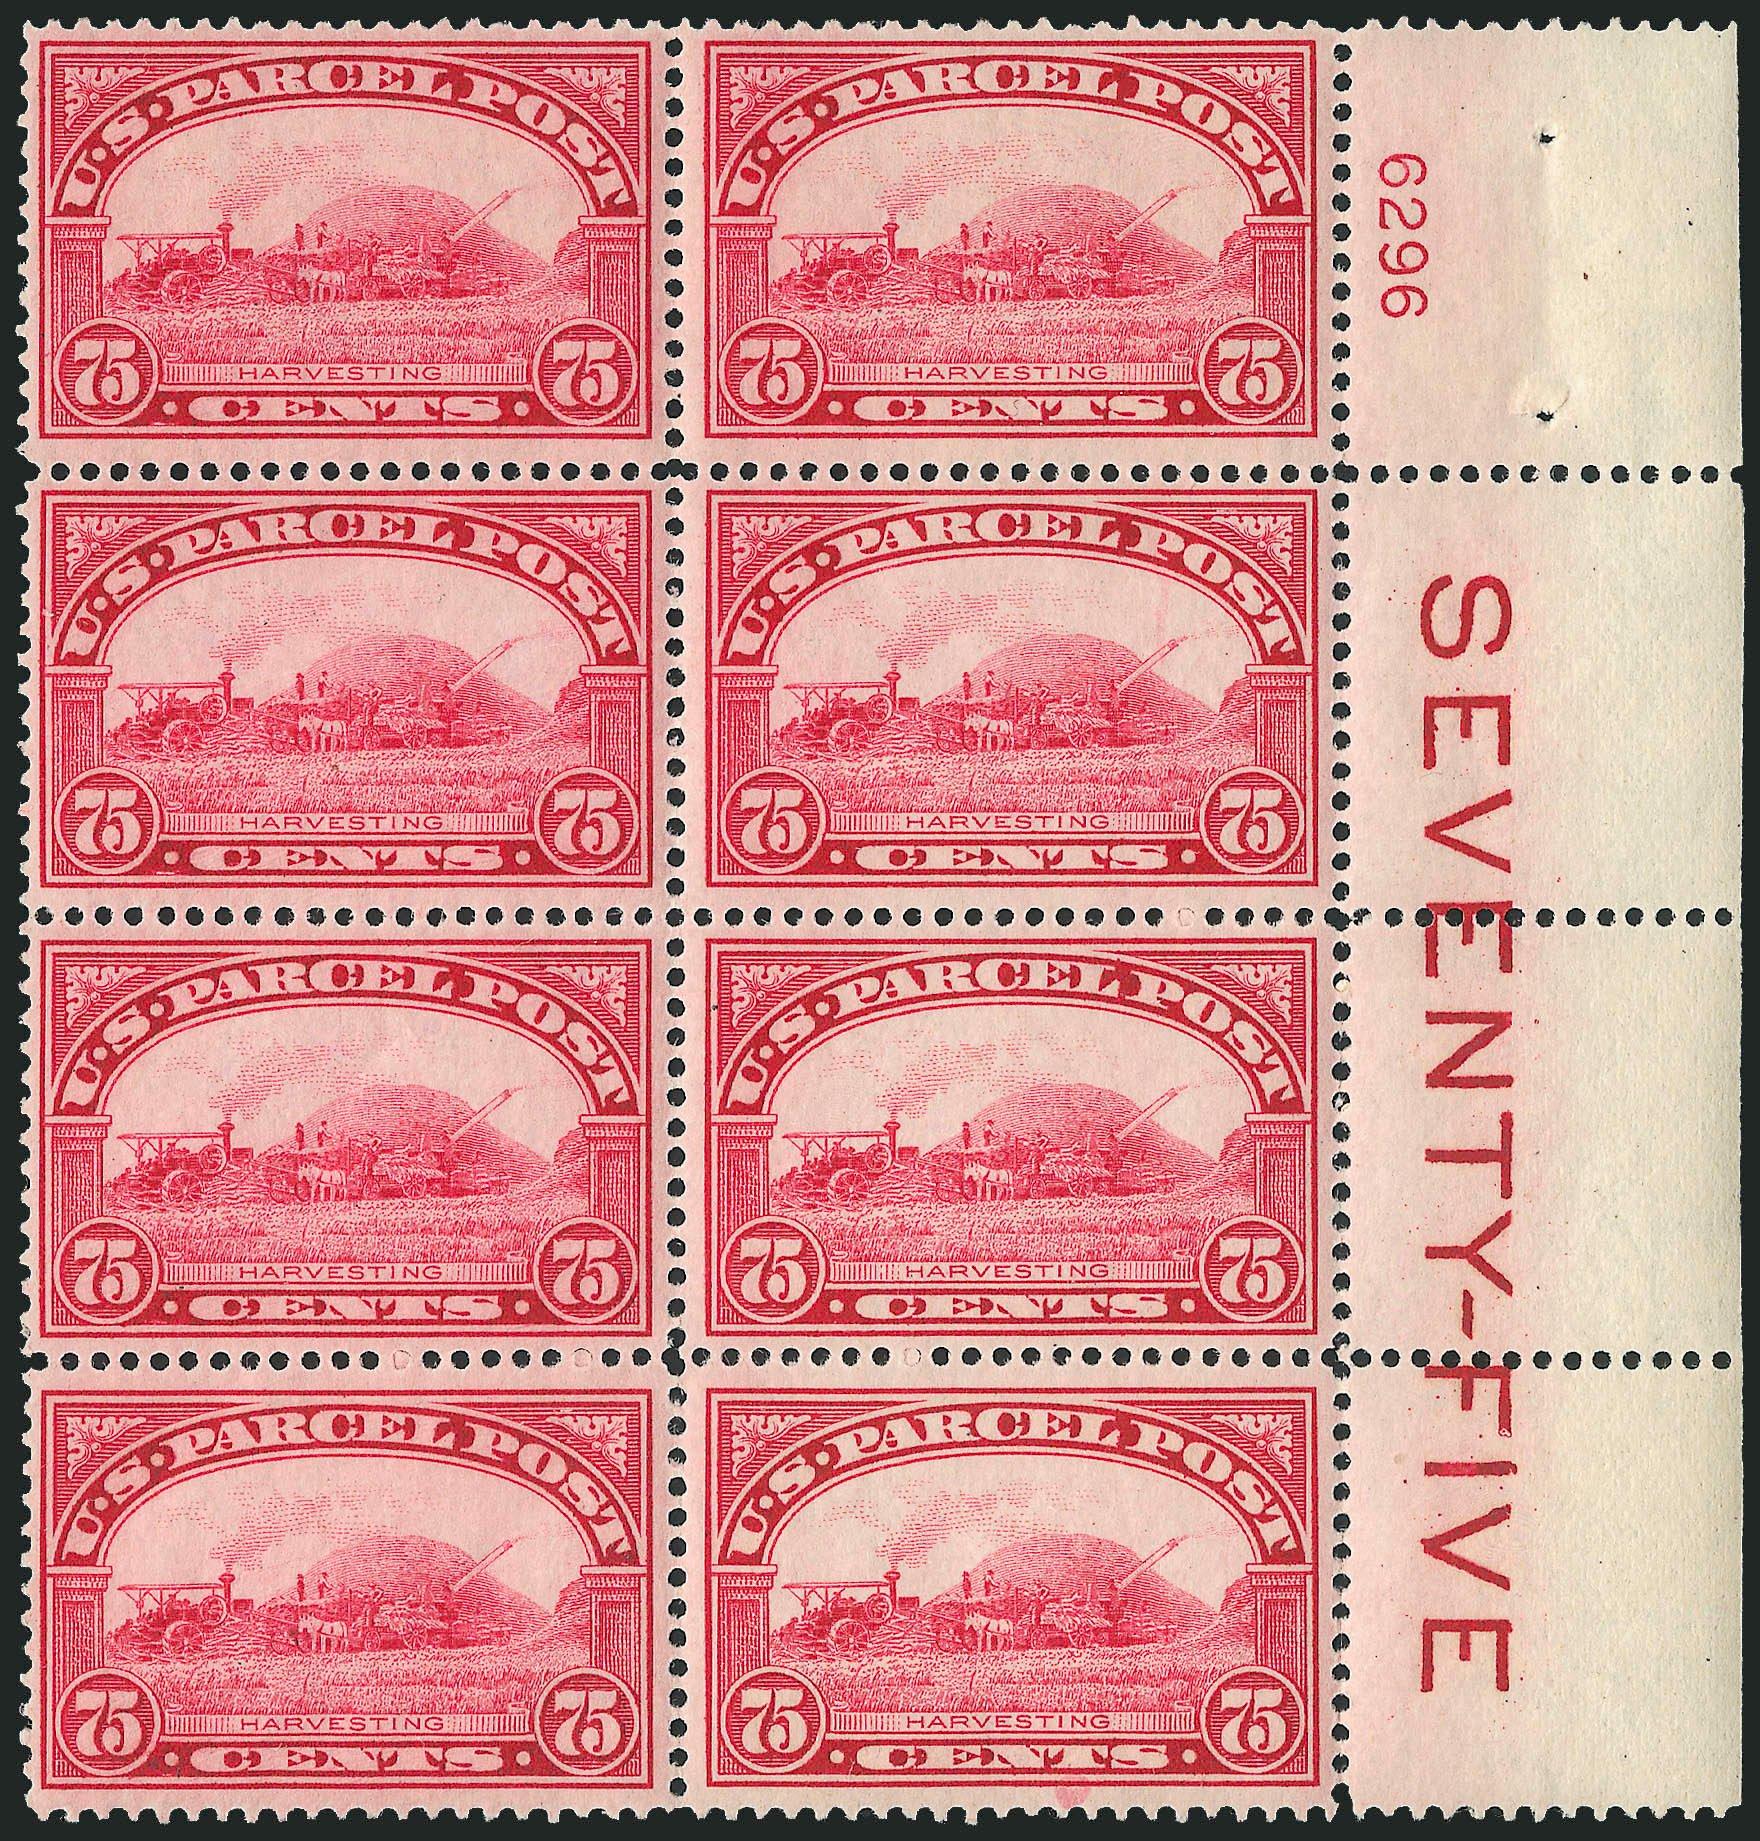 US Stamps Value Scott # Q11 - 1913 75c Parcel Post. Robert Siegel Auction Galleries, Apr 2009, Sale 971, Lot 2211